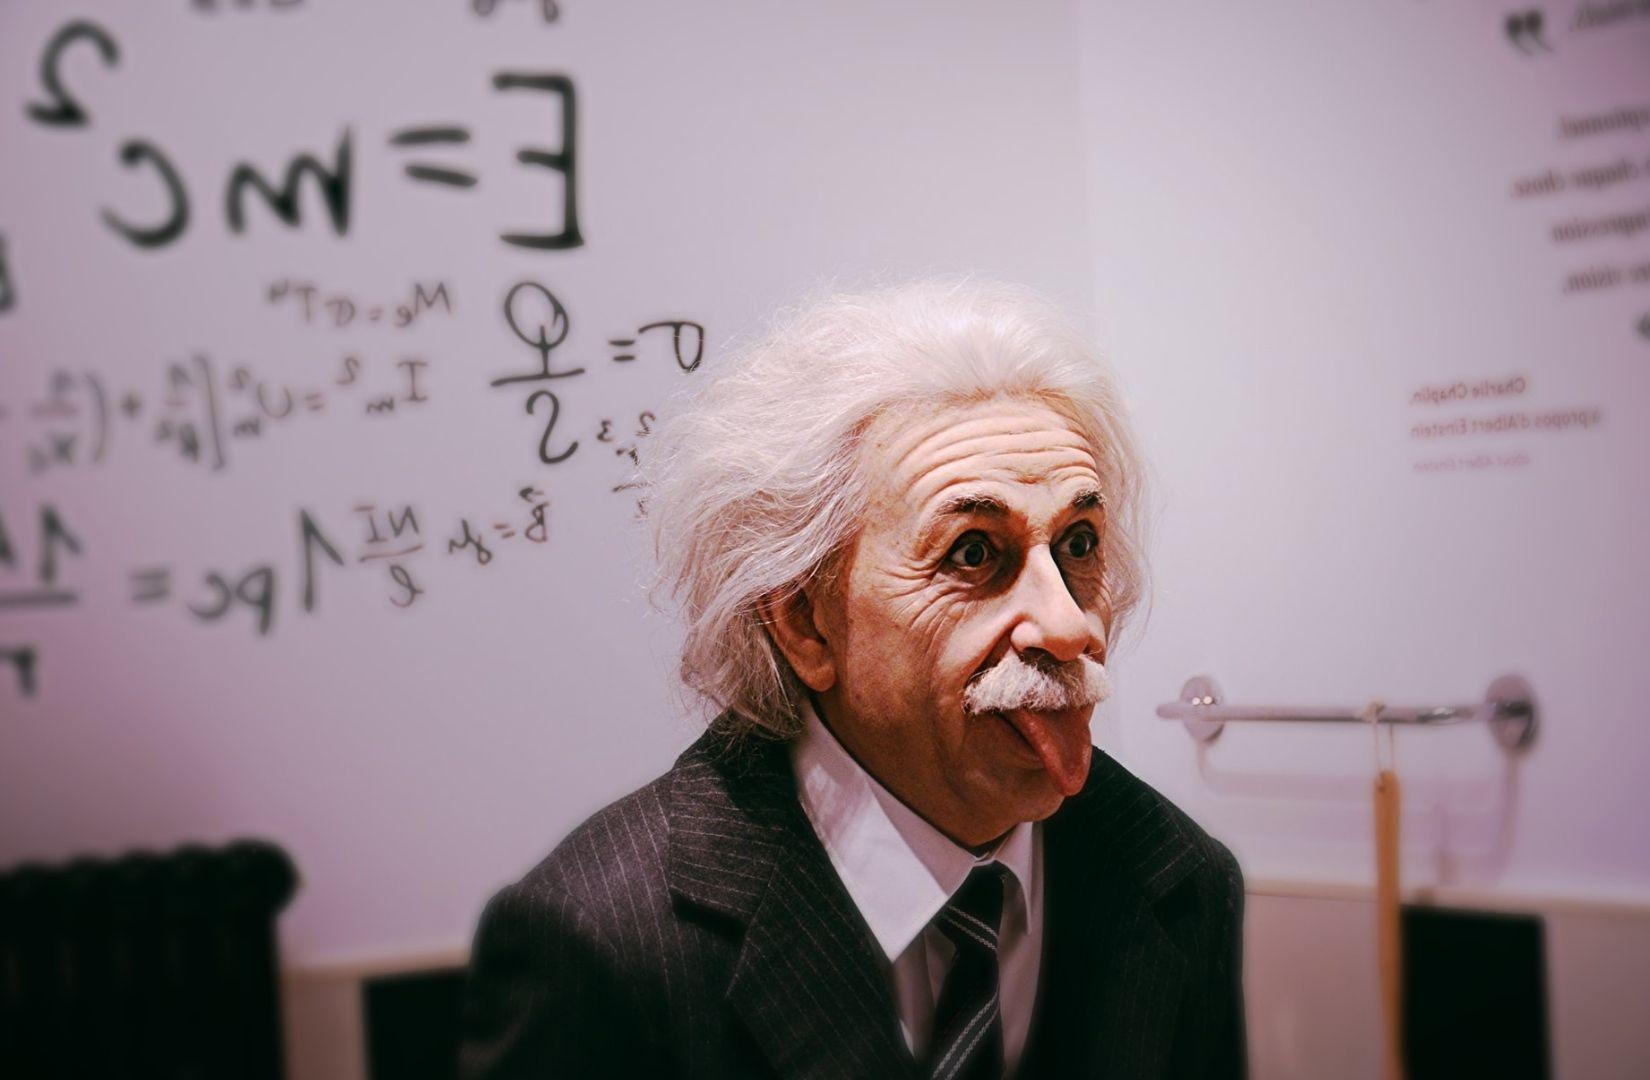 Albert Einstein ließ sich vom System nicht beherrschen. (Foto: Raghav Modi, Unsplash.com)